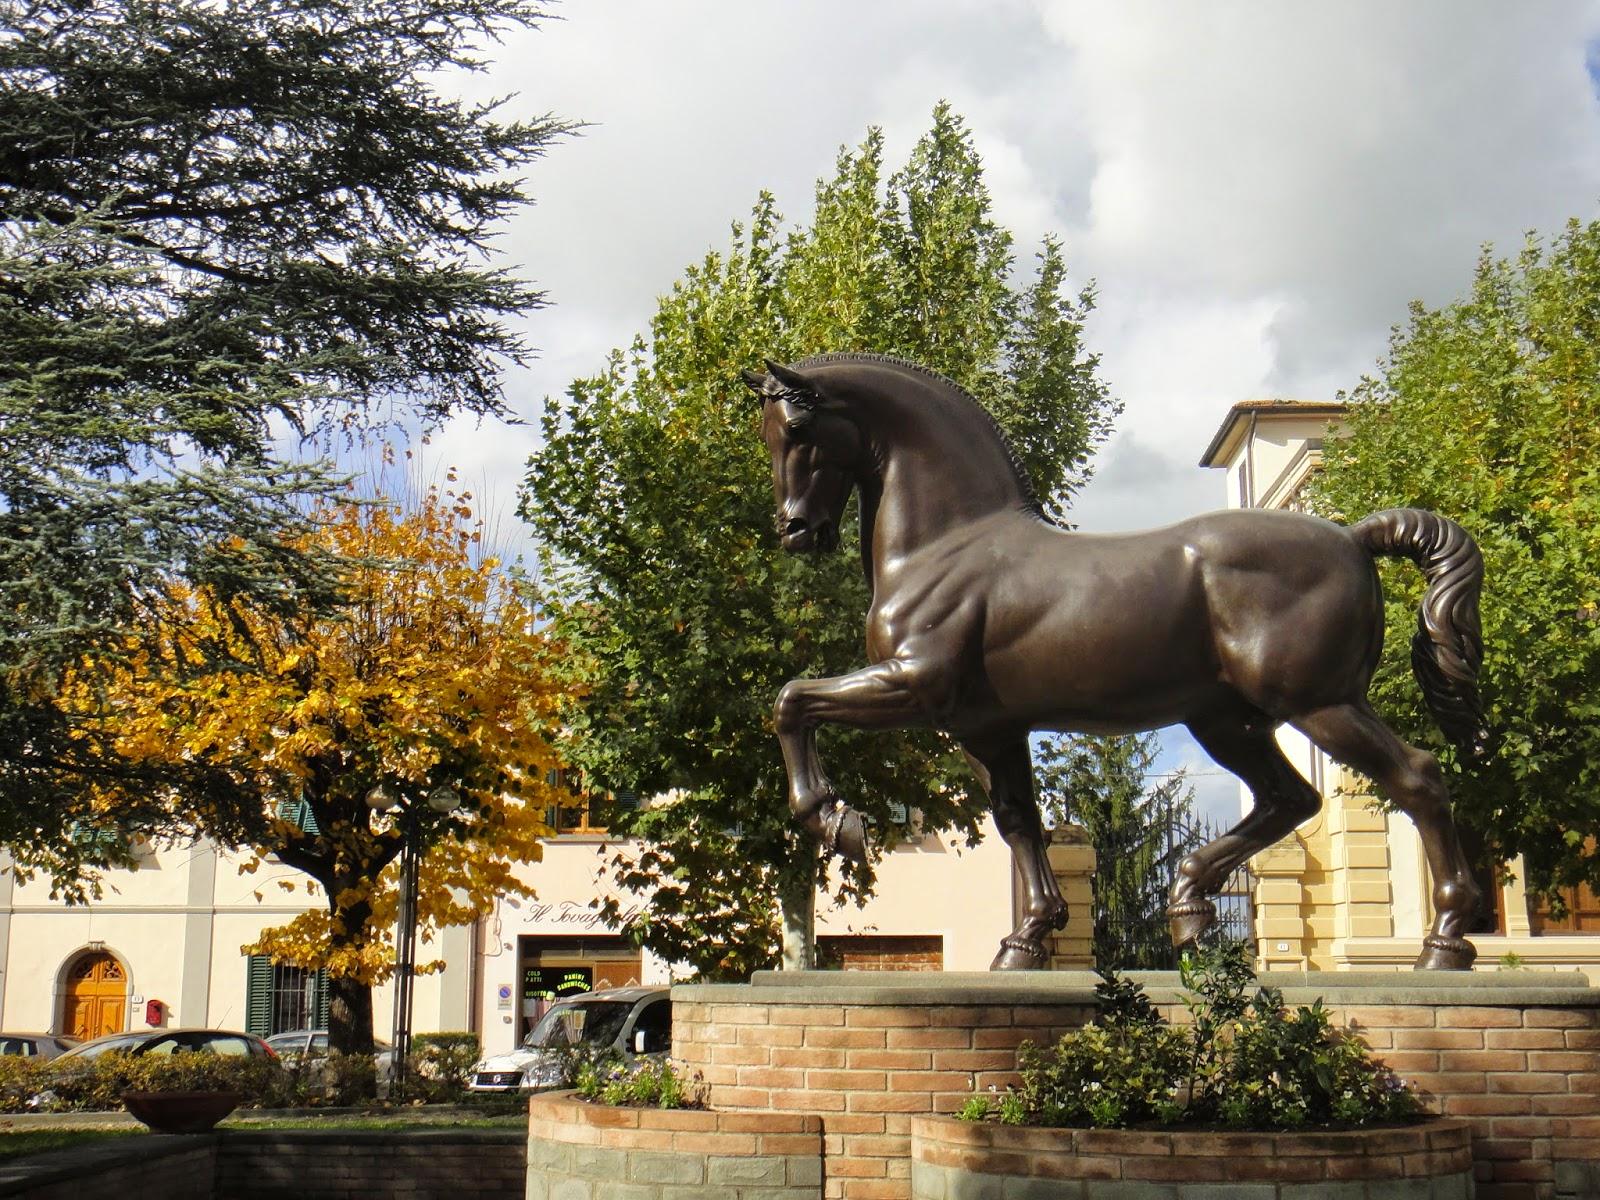 réplica do cavalo em Vinci